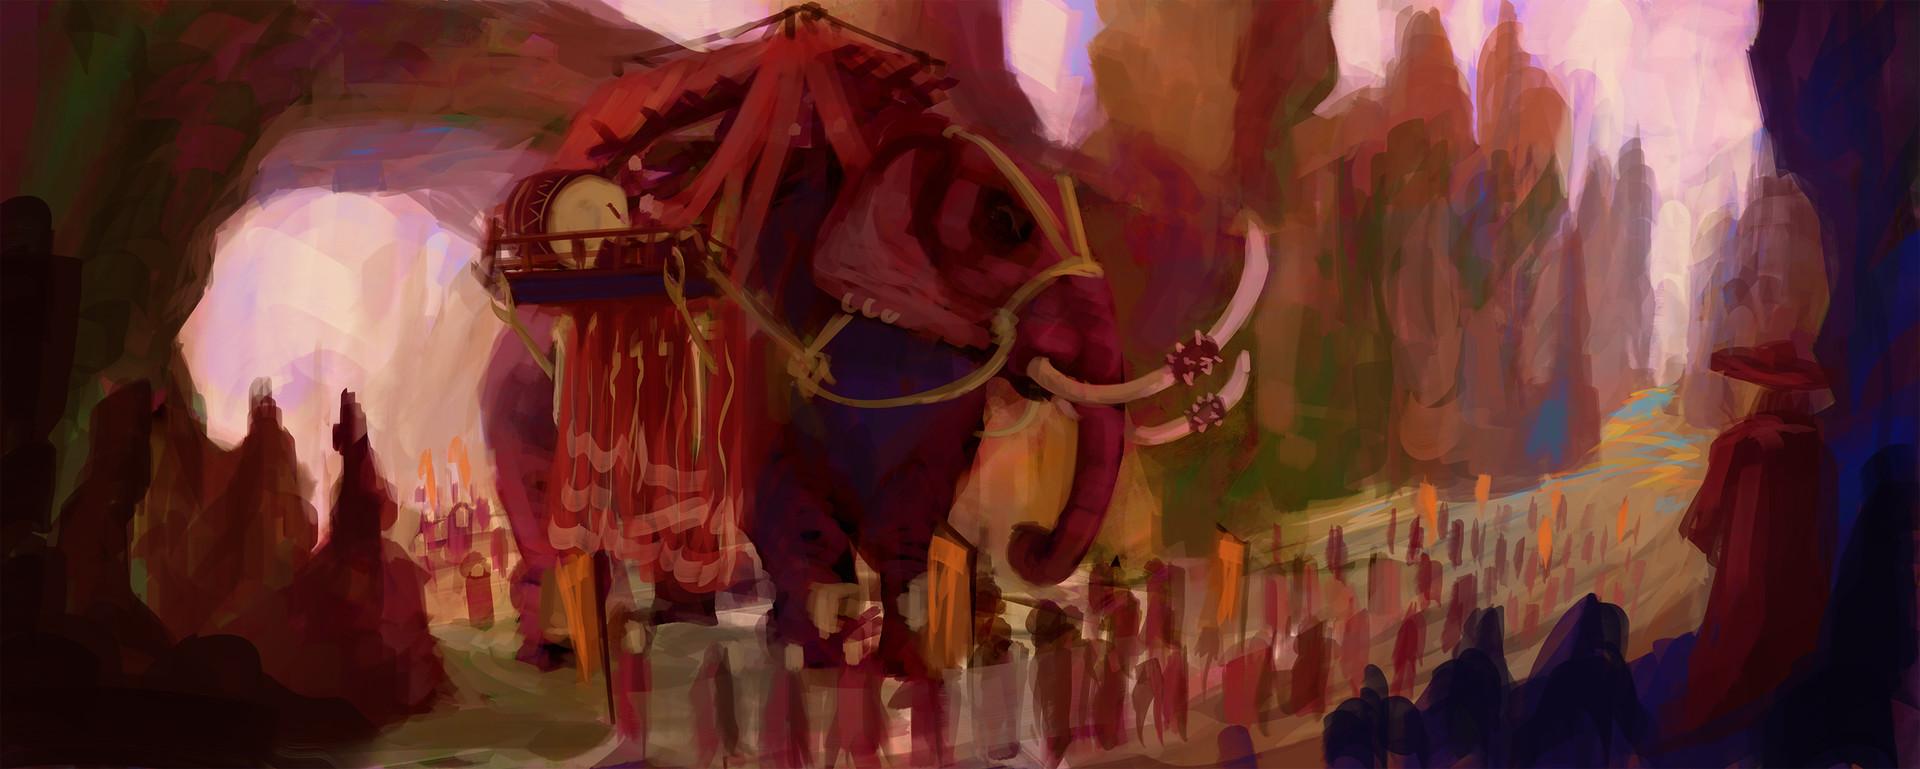 Jack dowell war elephant finished no 1 s